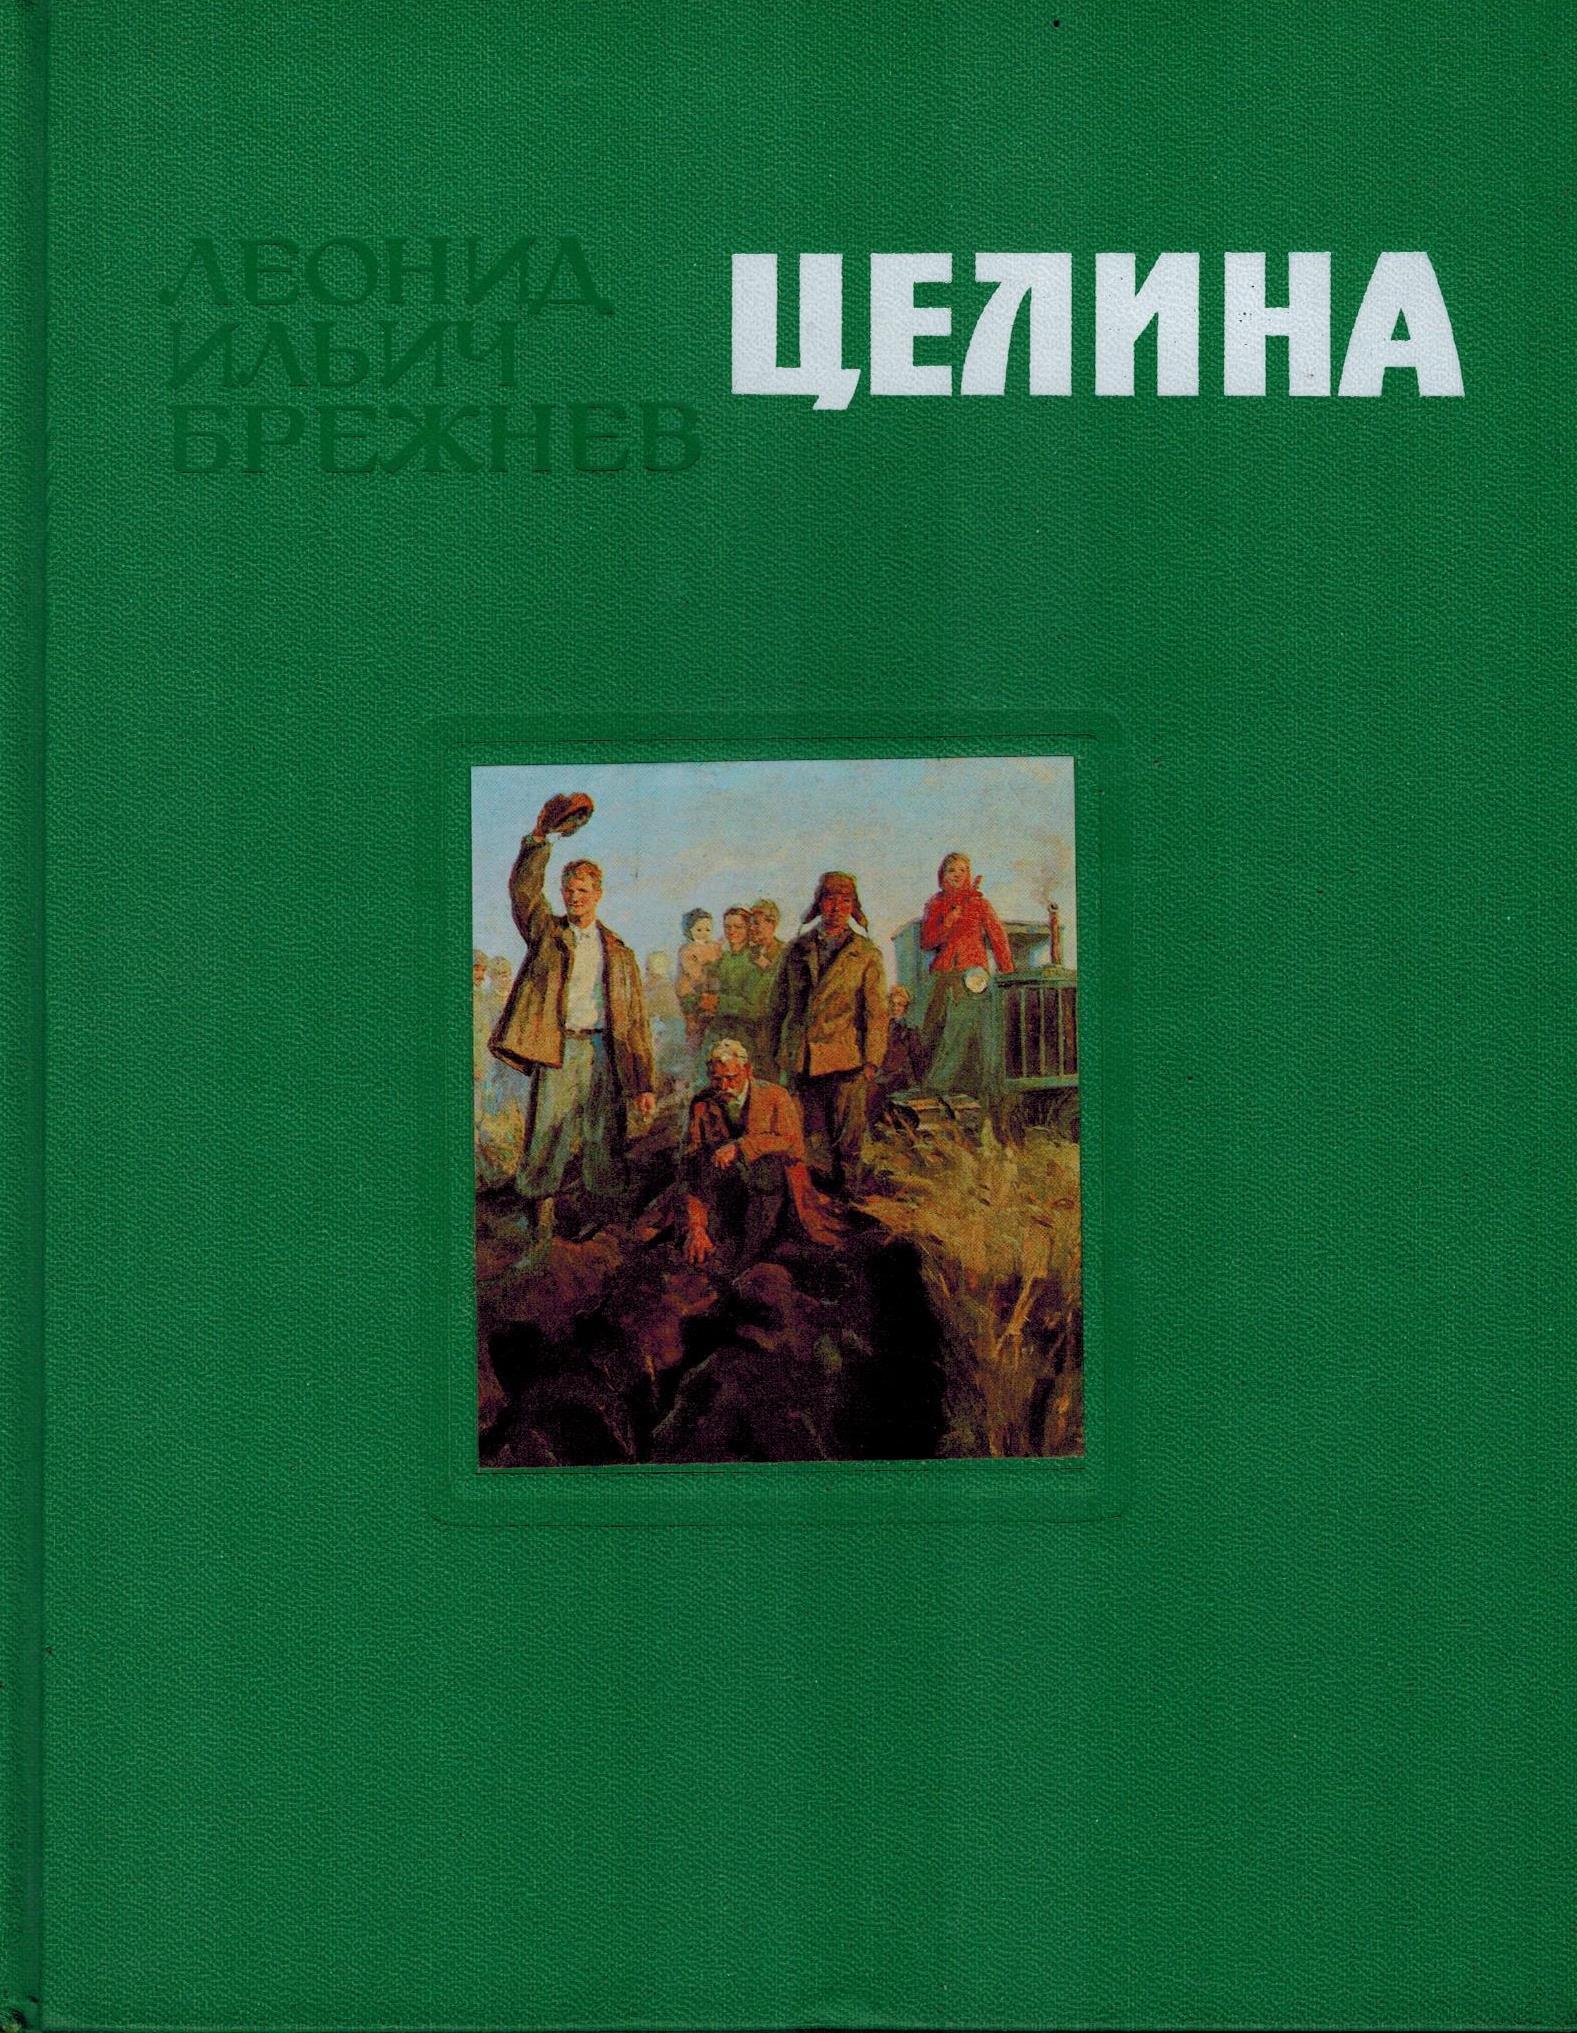 Брежнев Л.И. Целина леонид брежнев малая земля возрождение целина